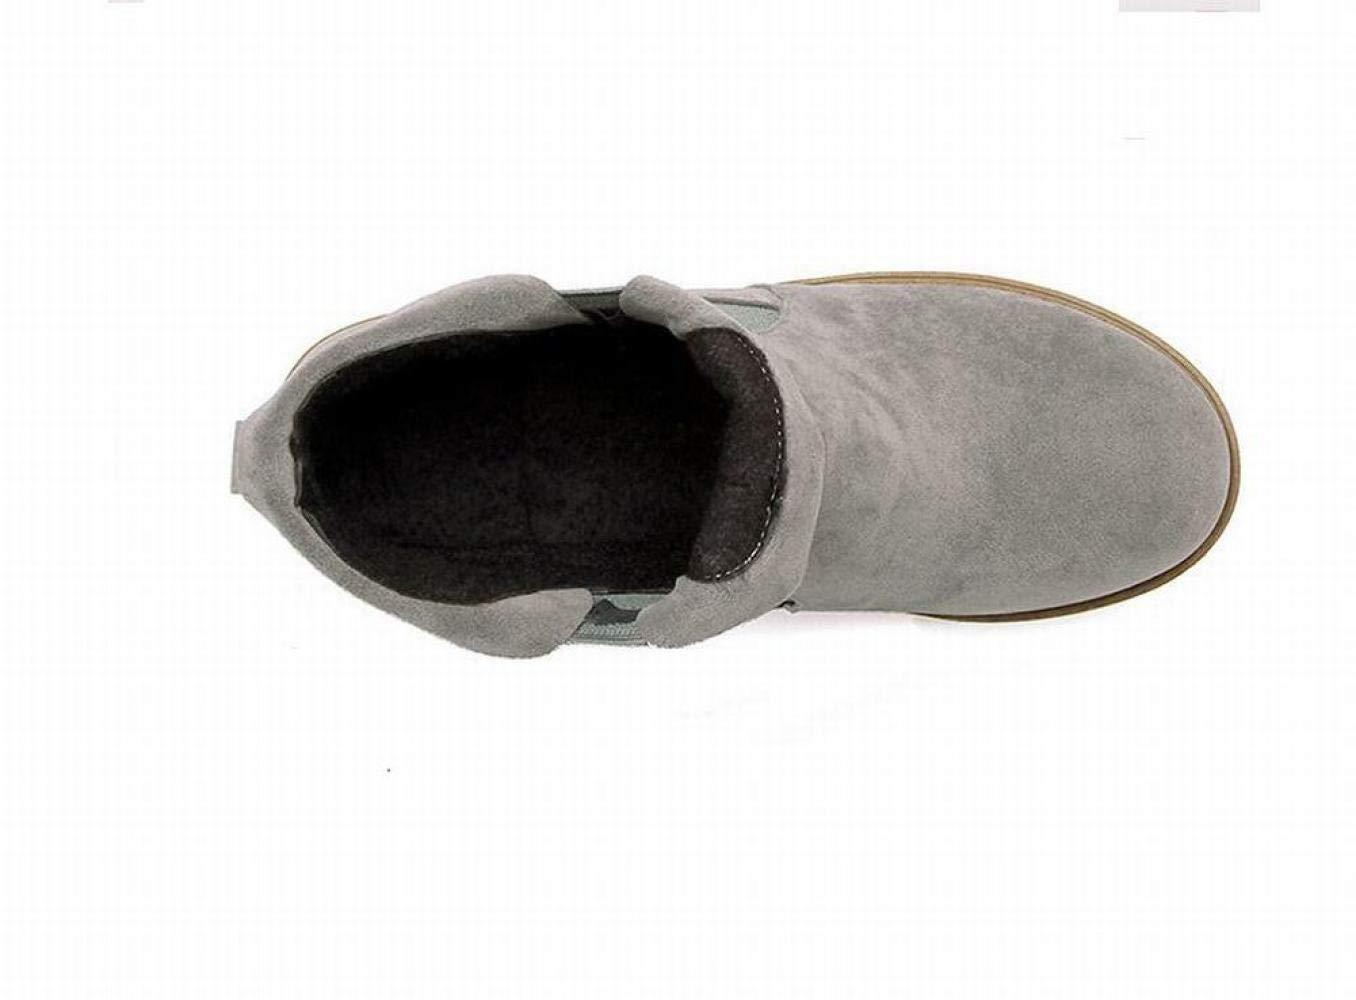 Damenschuhe - Niedriger Absatz Martin Stiefel wies wies wies Stiefel Herbst und Winter warme Baumwollschuhe   36-43 (Farbe   Grau, Größe   38)  bd24cd